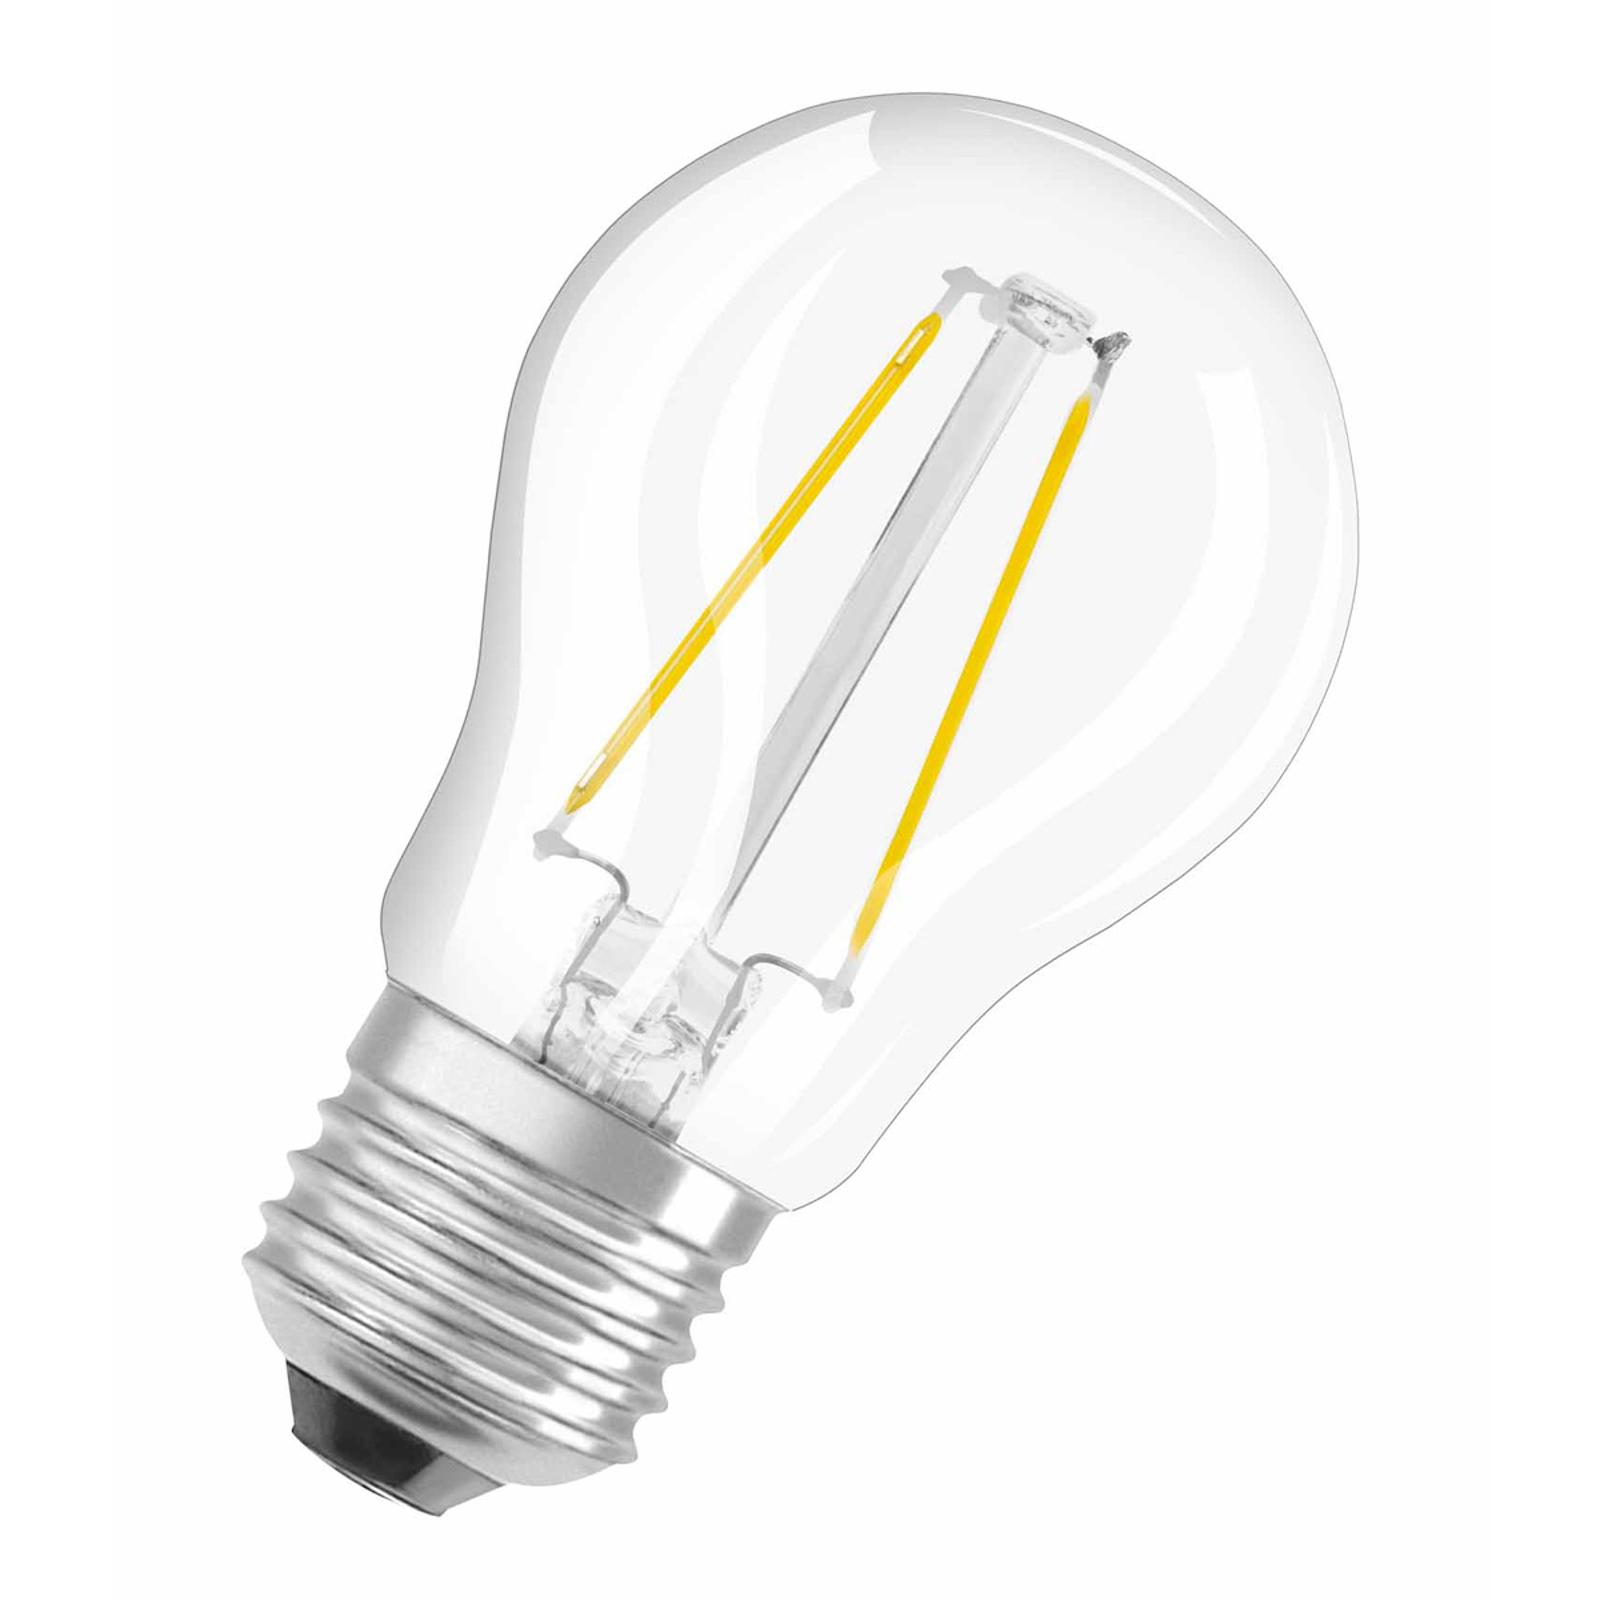 OSRAM-LED-lamppu E27 1,5W pisara, filamentti 827